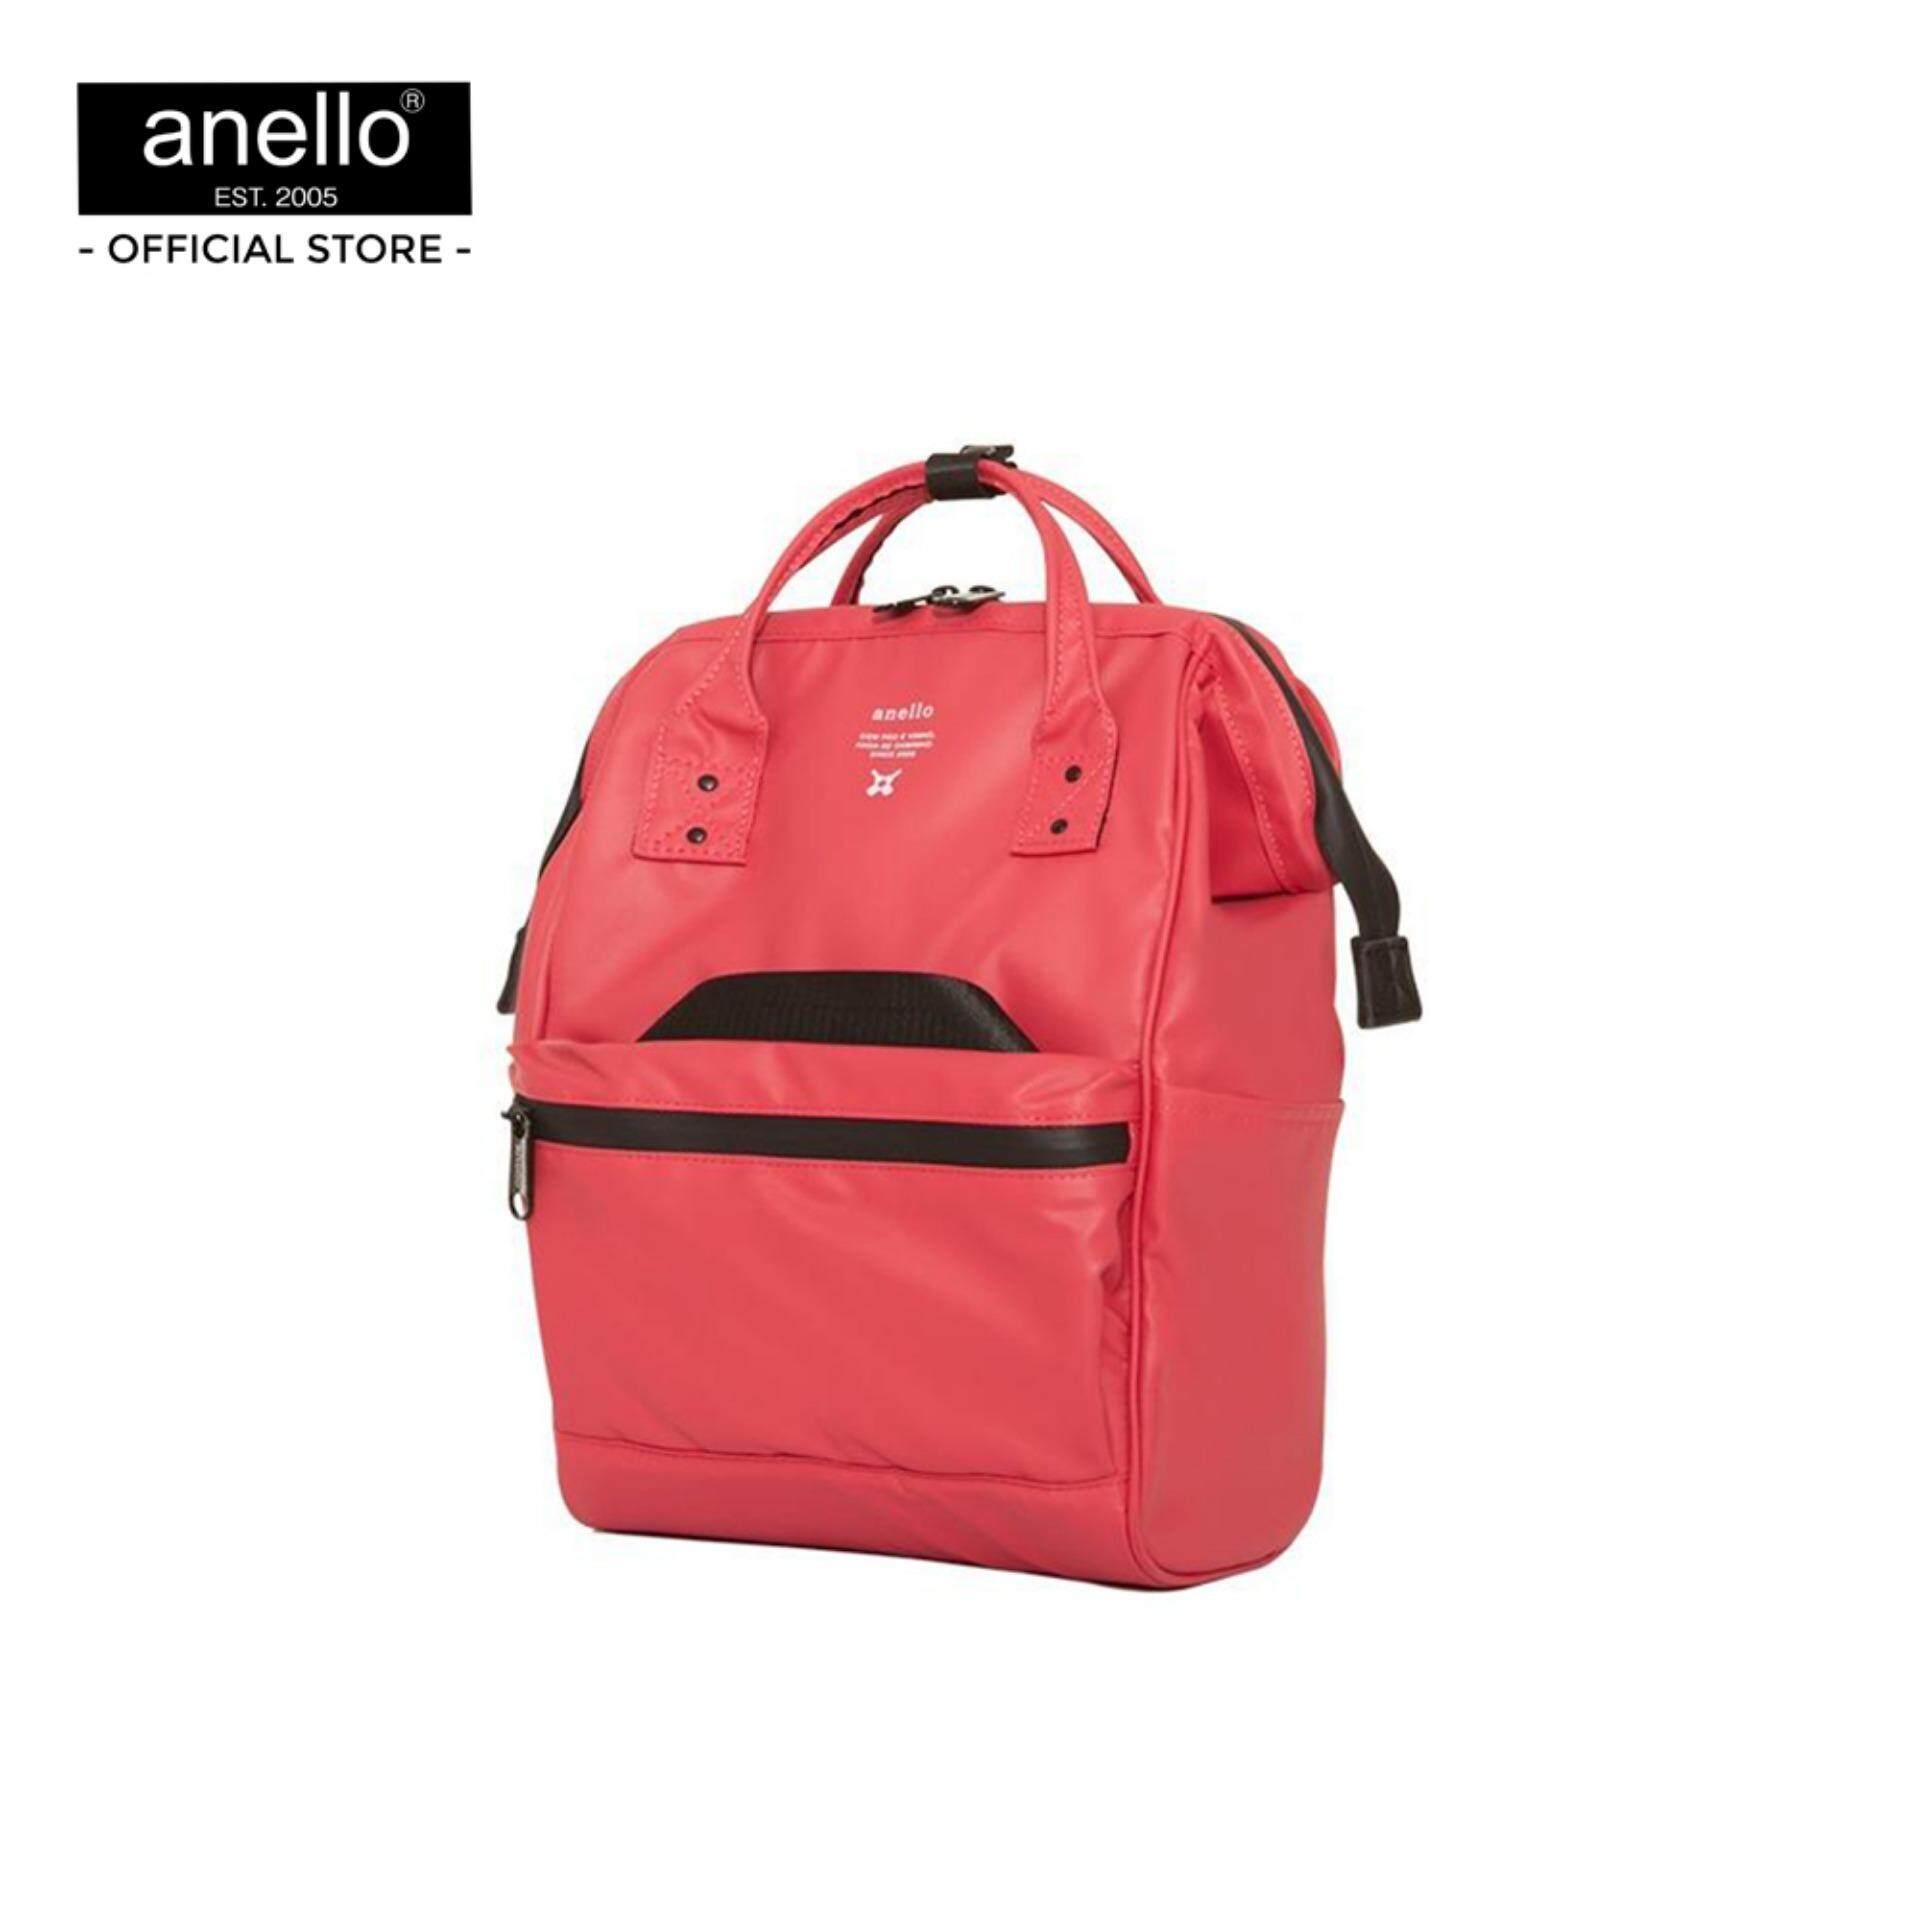 ยี่ห้อไหนดี  พะเยา anello กระเป๋า Mini Water Resistant 2nd Edition_OS-B010